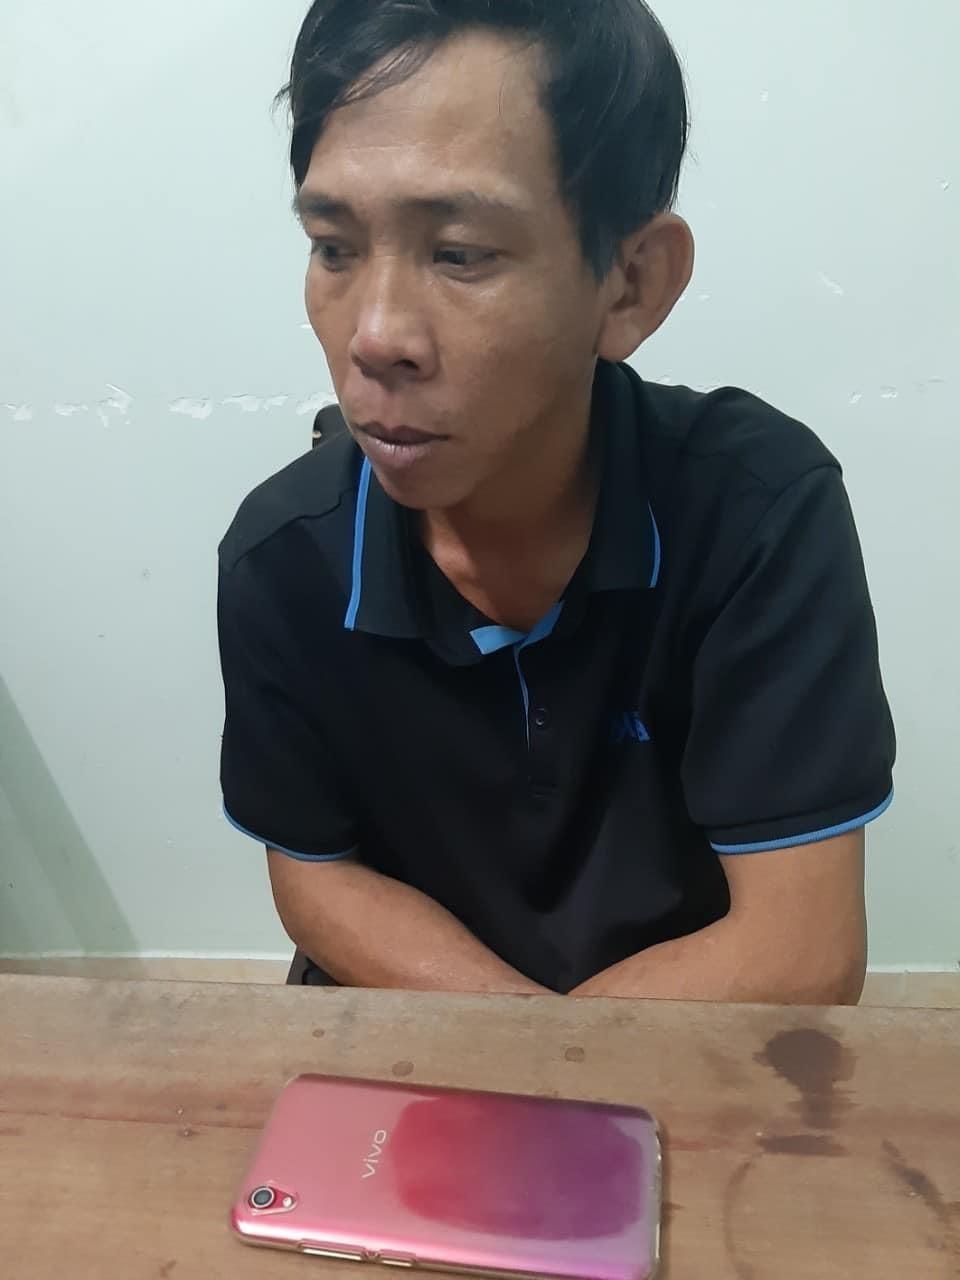 Tung tin 'cùng ăn ở với phạm nhân Triệu Quân Sự', người đàn ông bị triệu tập